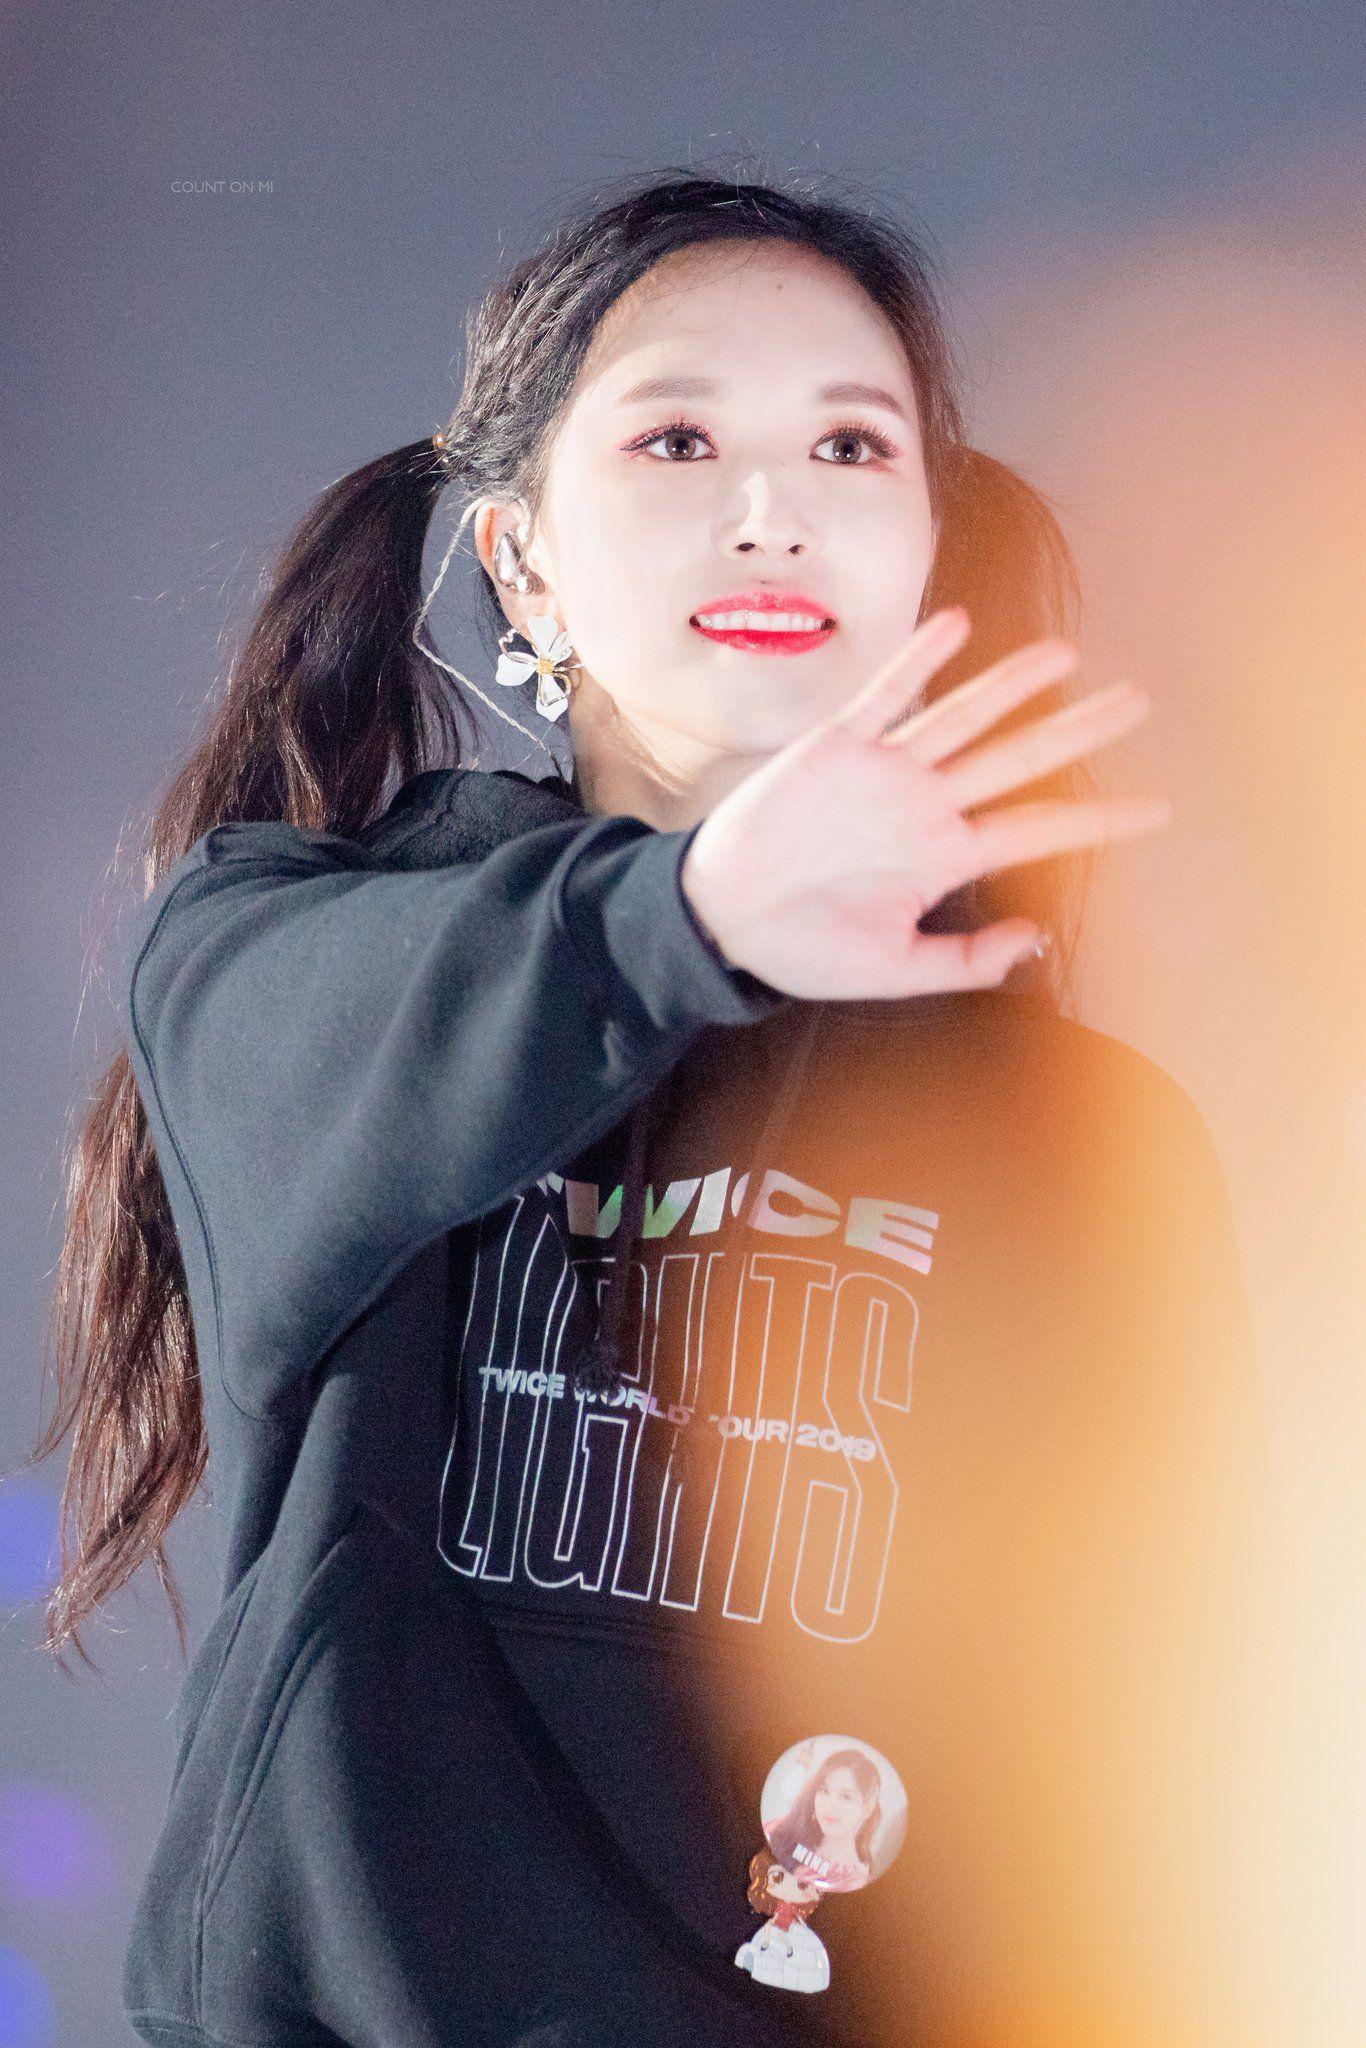 Pin by 儀沛 陳 on Korean beauty in 2020 | Mina, Korean beauty